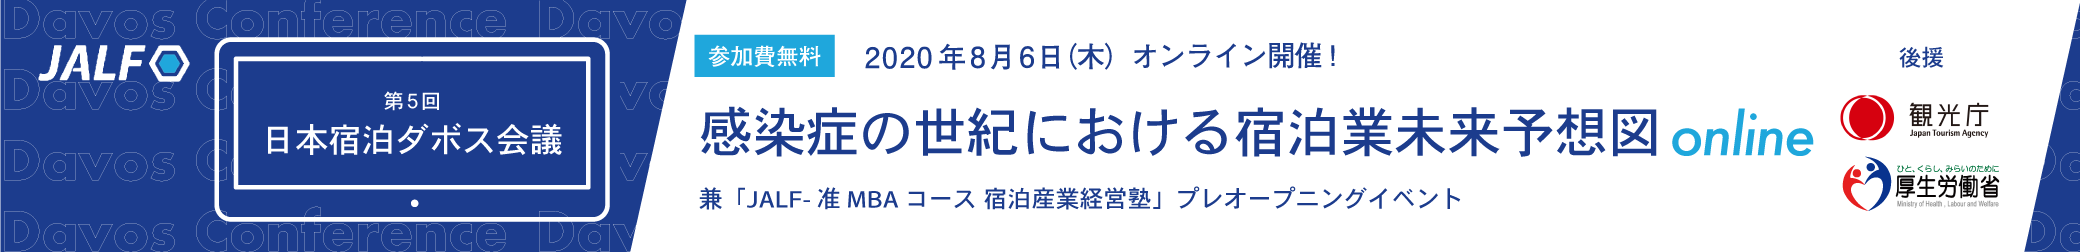 第5回 日本宿泊ダボス会議~感染症の世紀における宿泊業未来予想図~ online